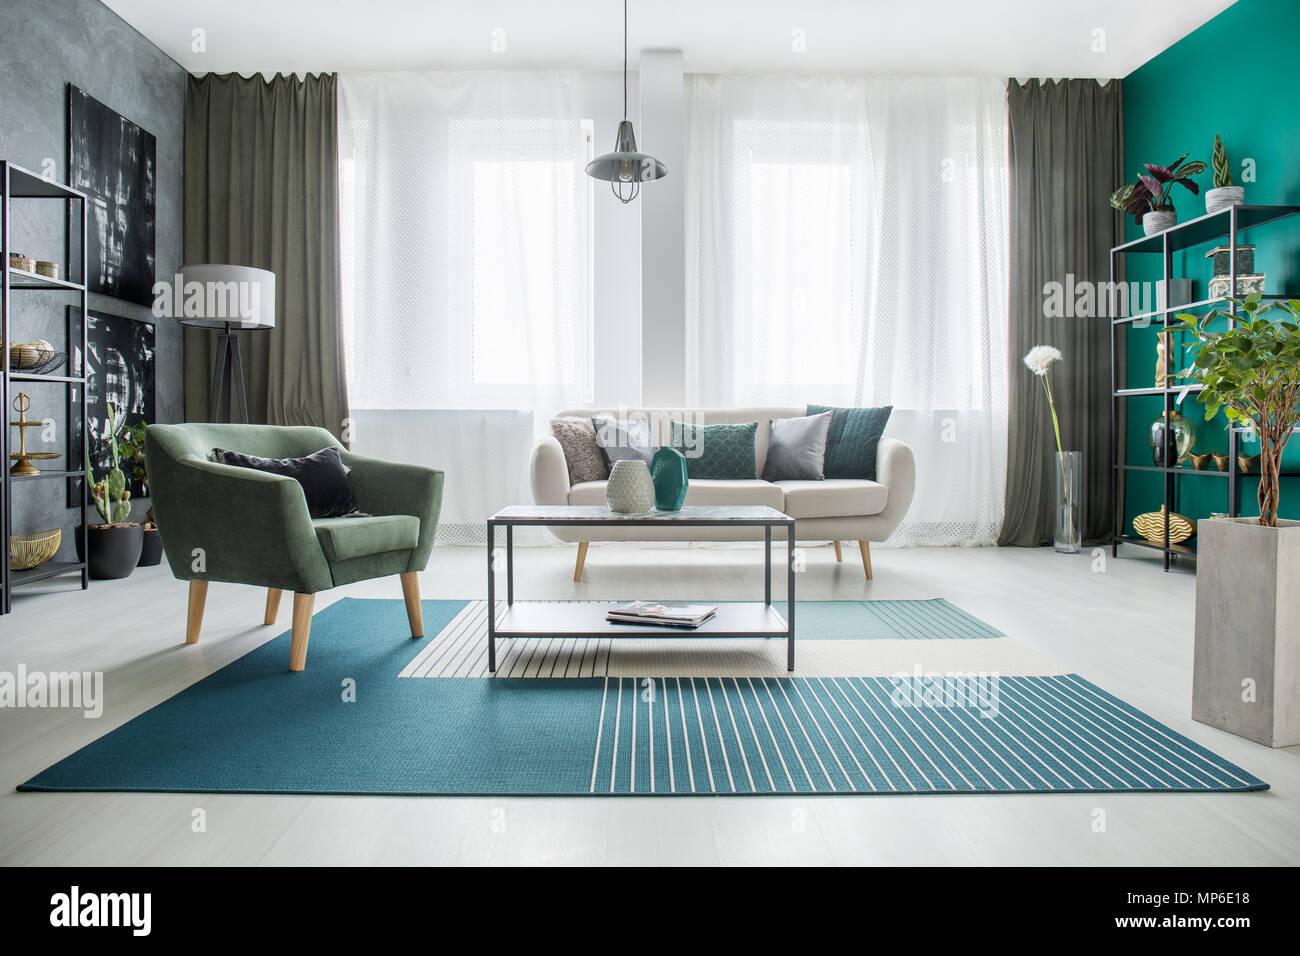 Soggiorno con divano verde soggiorno verde idee per for Verde soggiorno